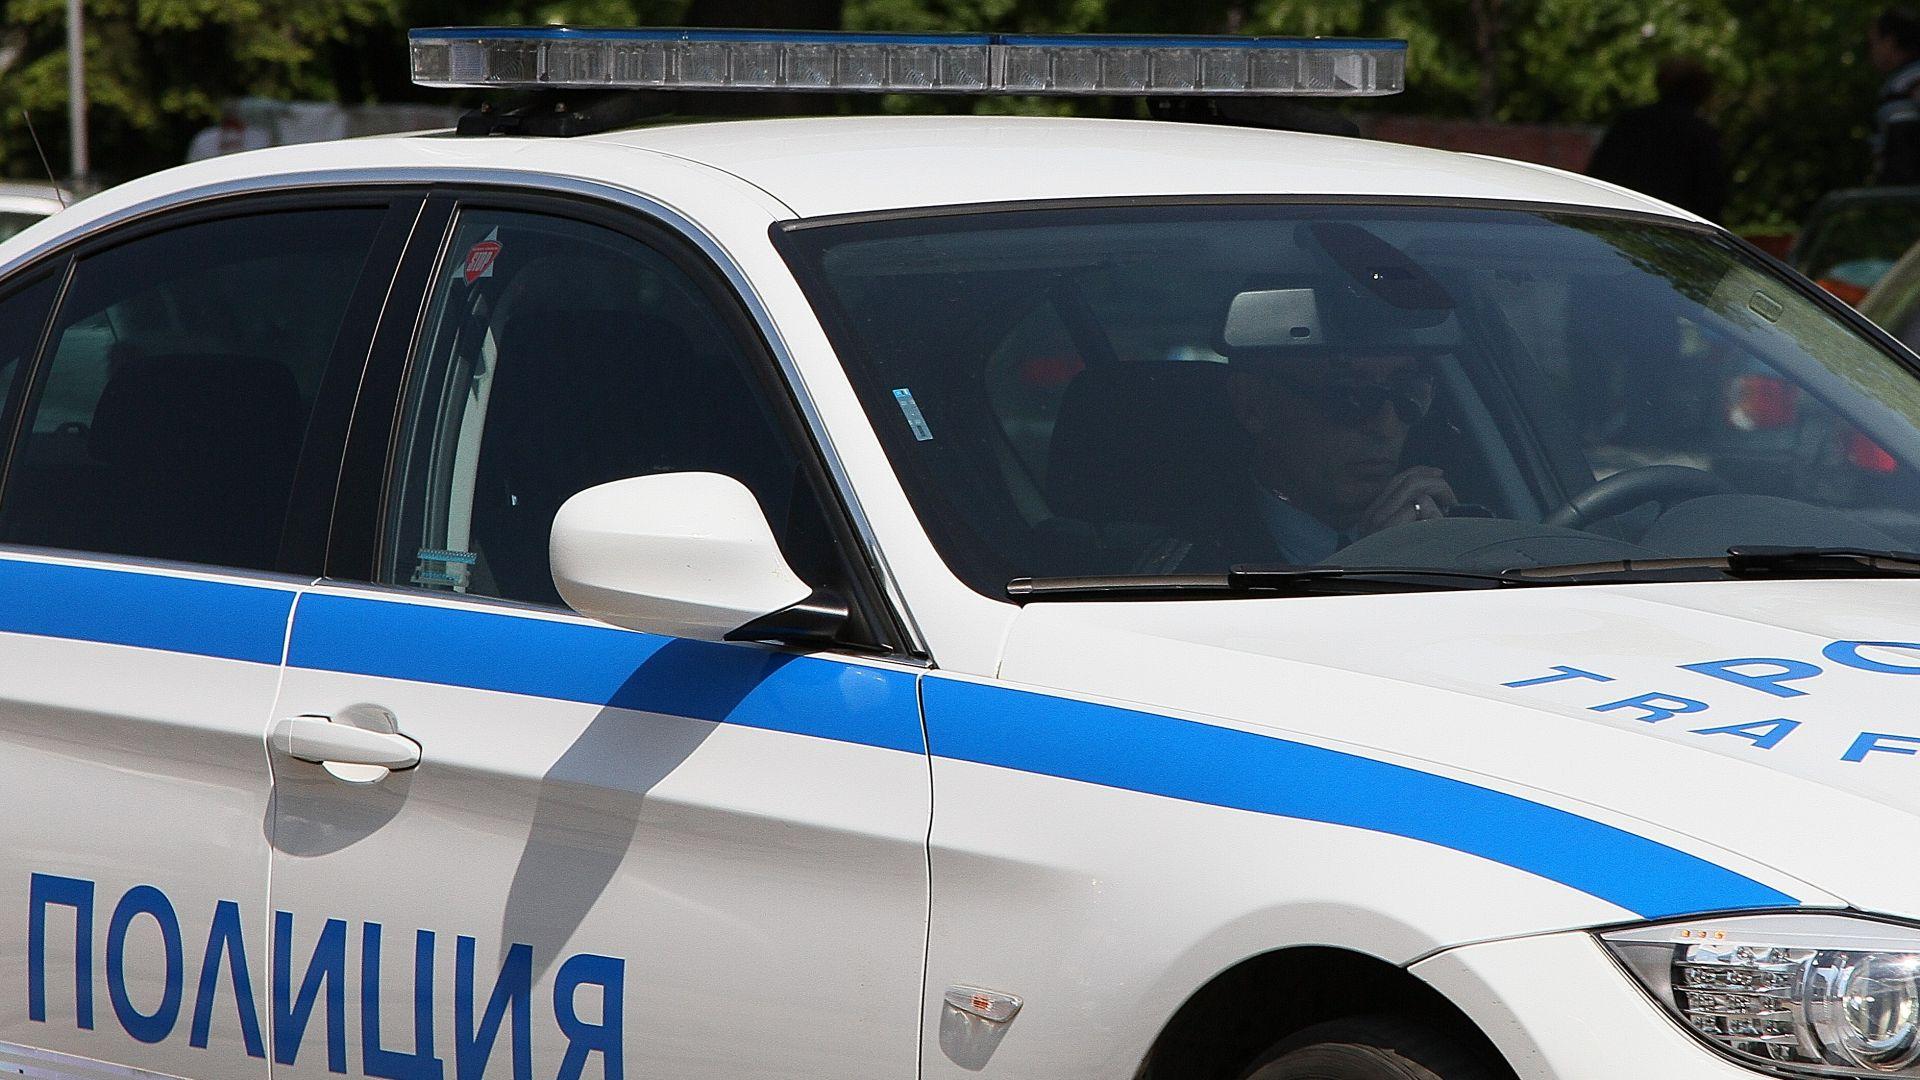 Столични полицаи извършват оперативни действия във връзка с инцидент в